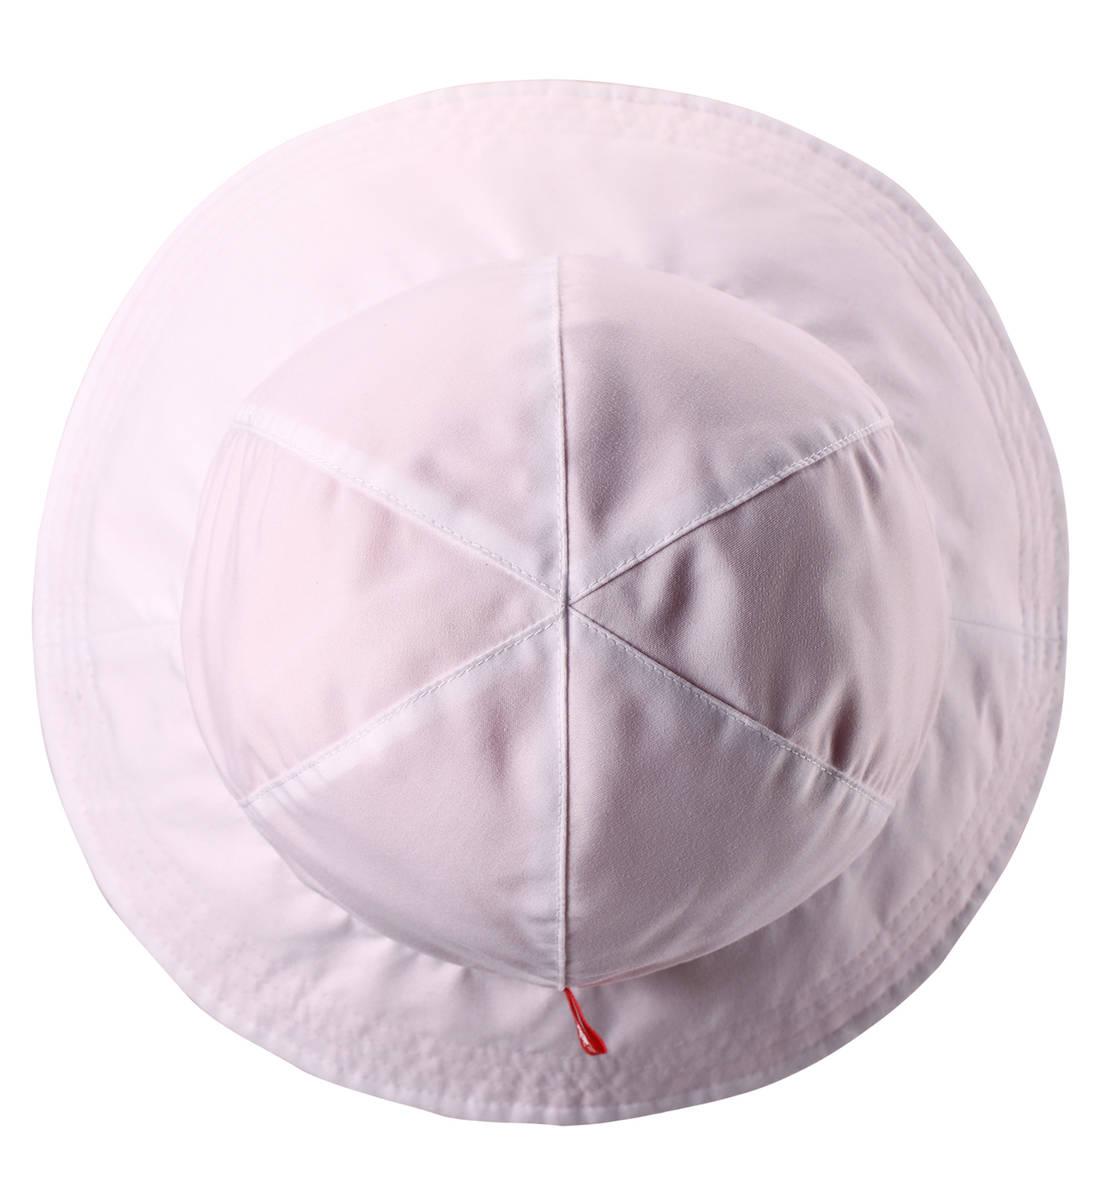 Reima Viiri käännettävä UV-hattu - White - UV-vaatteet - 2003625142 - 3